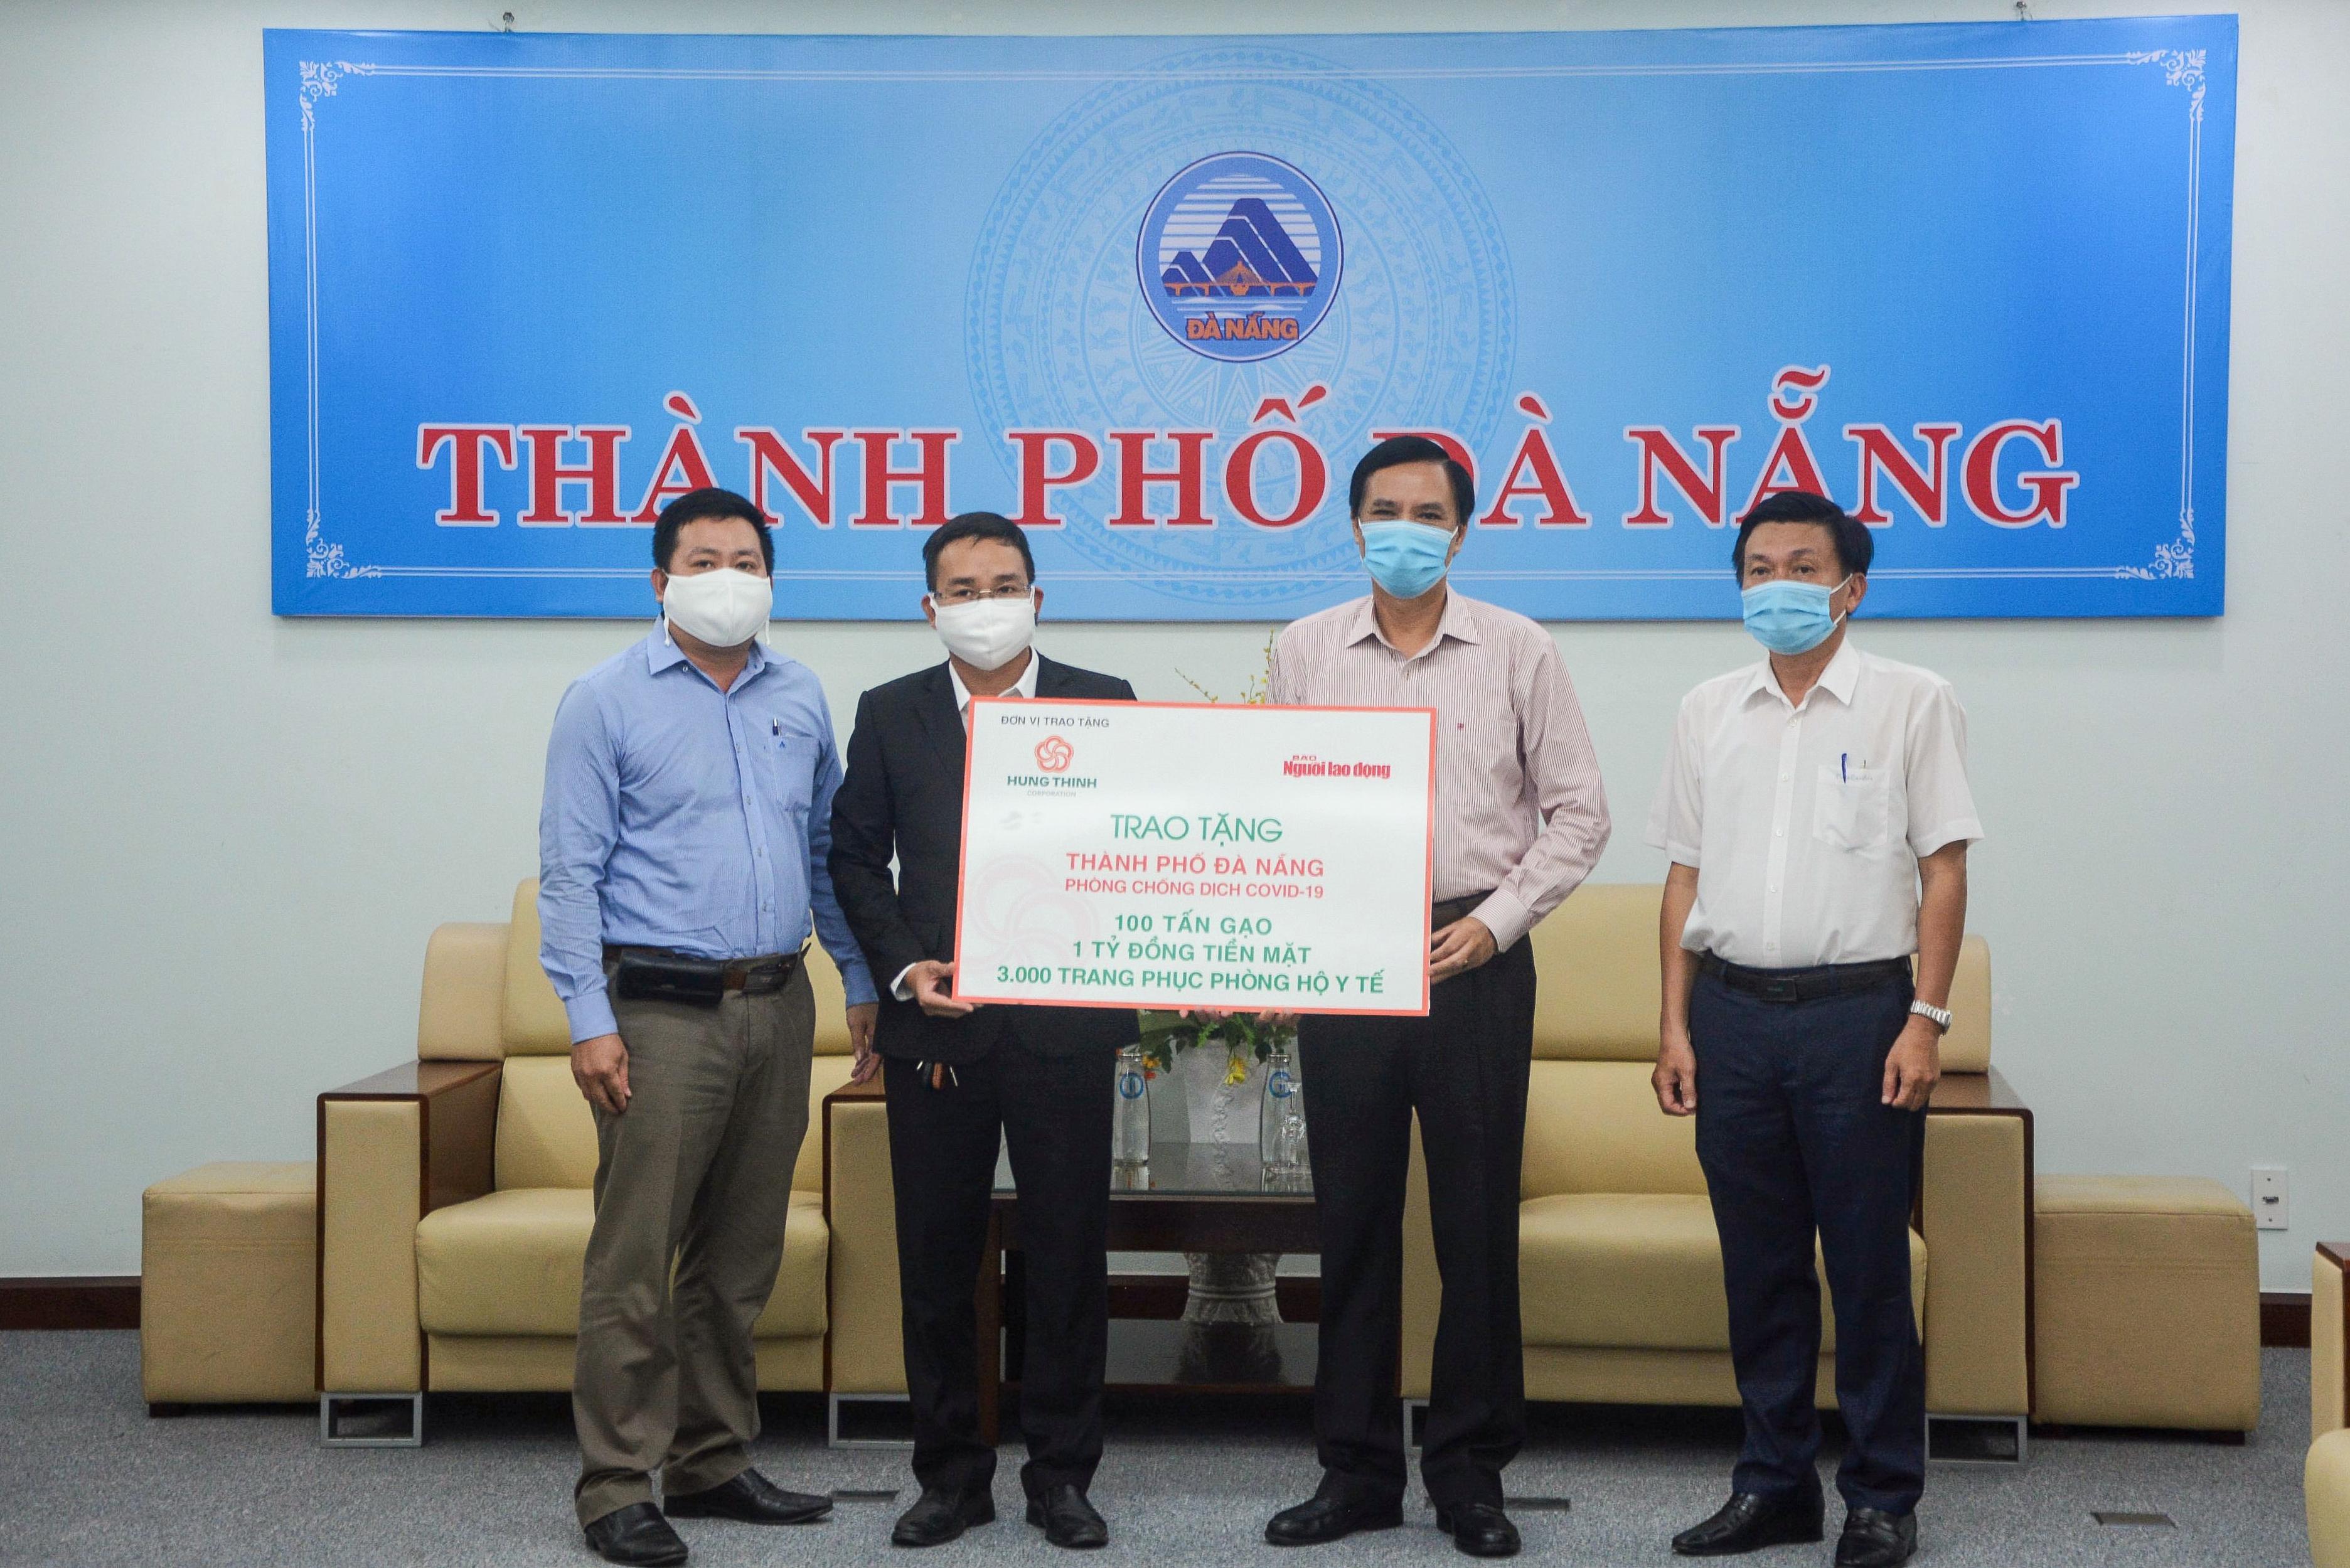 Tập đoàn Hưng Thịnh tiếp sức TP.Đà Nẵng và tỉnh Quảng Nam phòng chống dịch Covid-19  - Ảnh 3